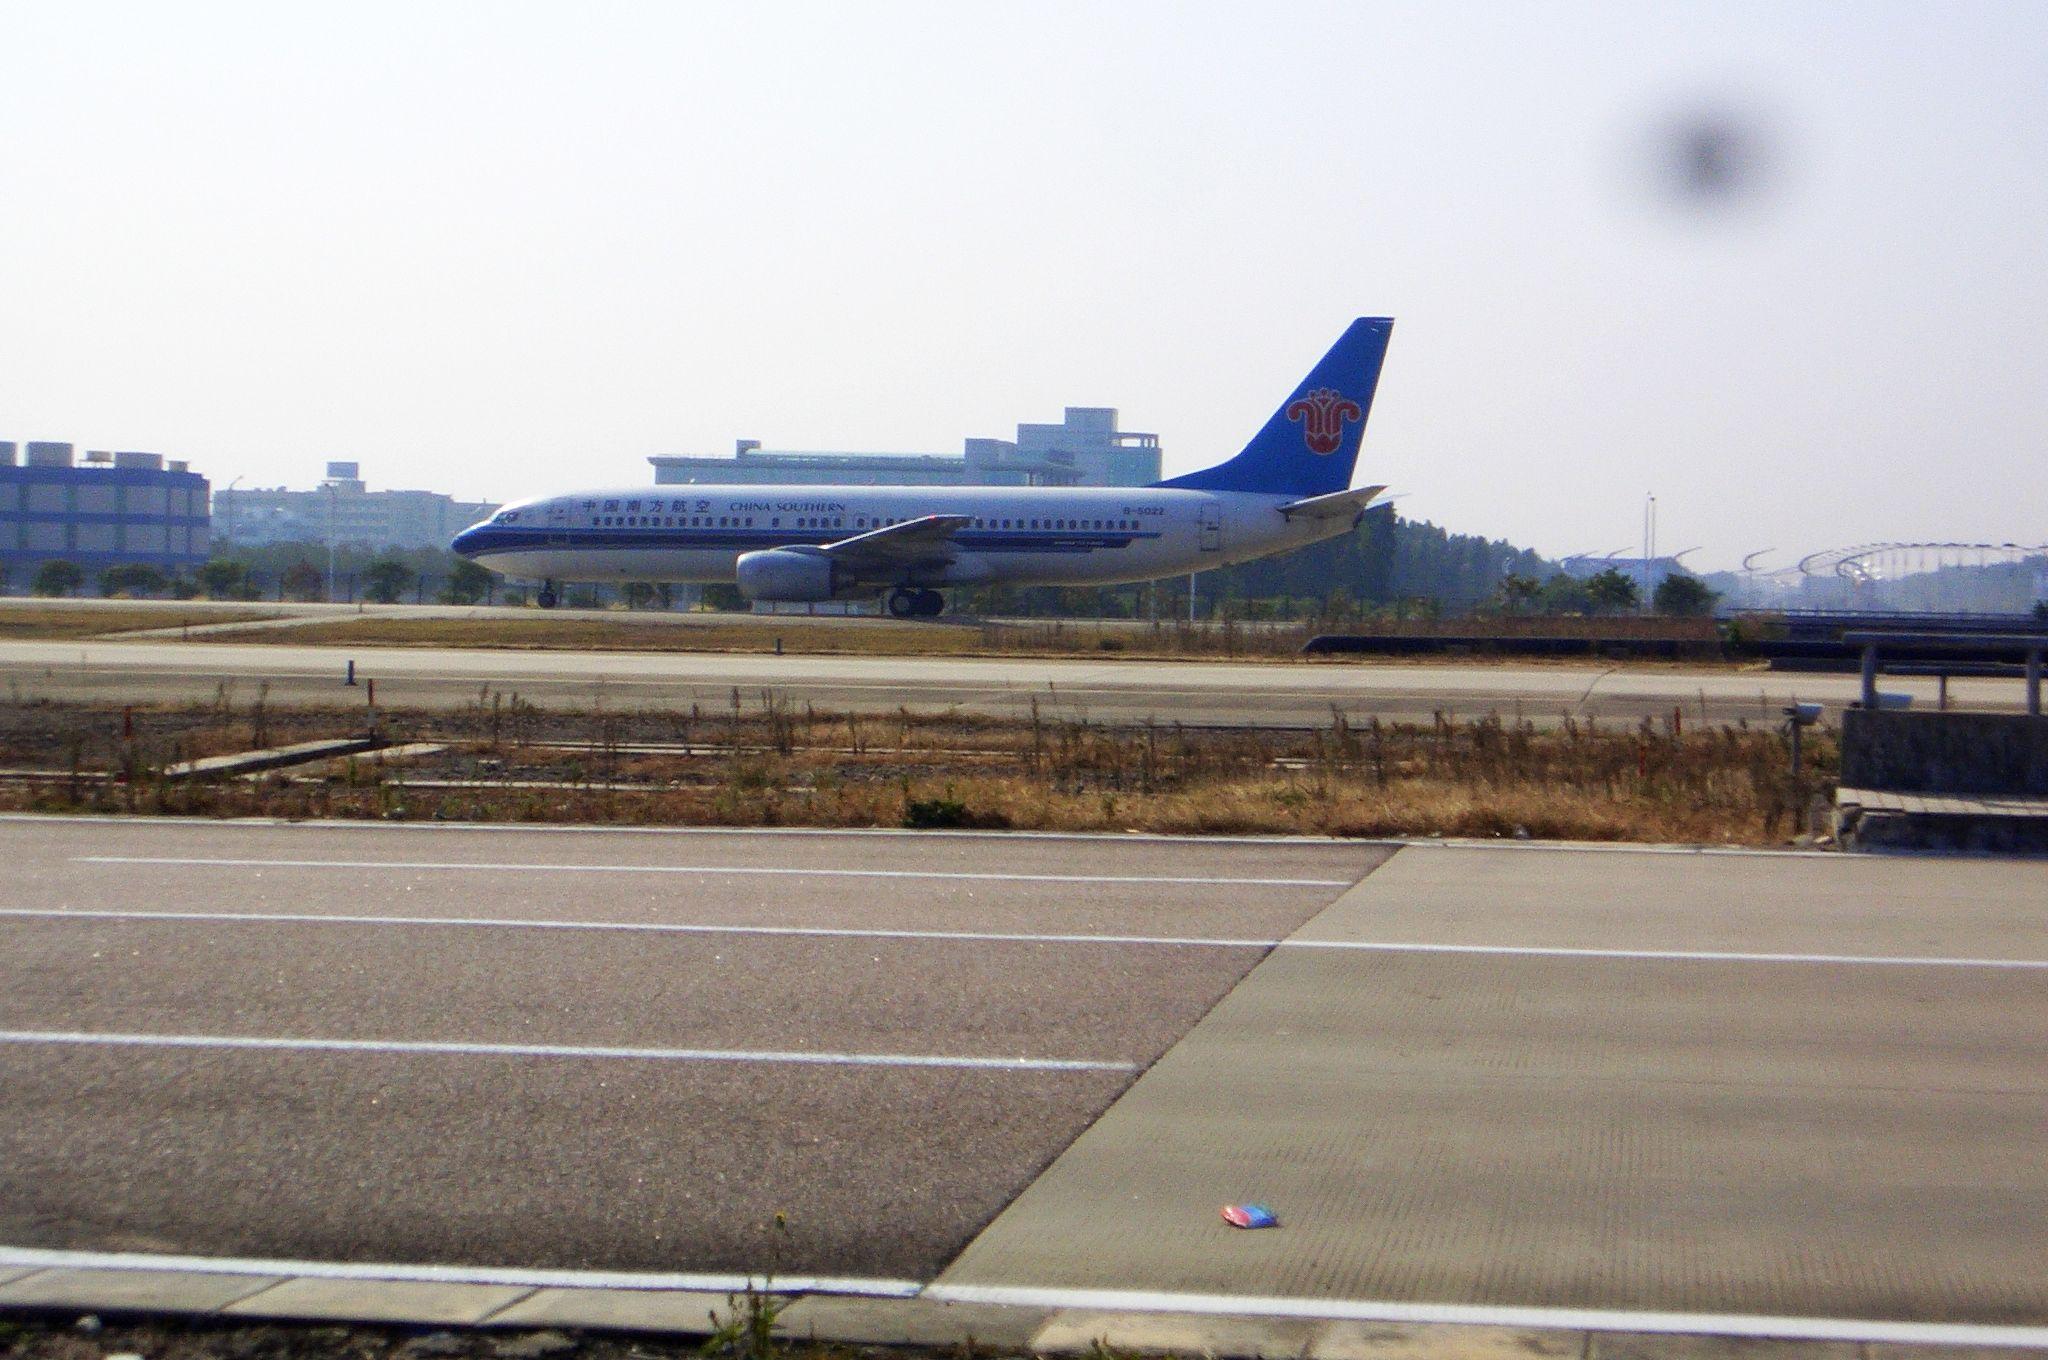 Re:[原创]恢复信心后的第一次发帖,09年第一次活动 BOEING 737-800 B-5022 中国广州白云机场